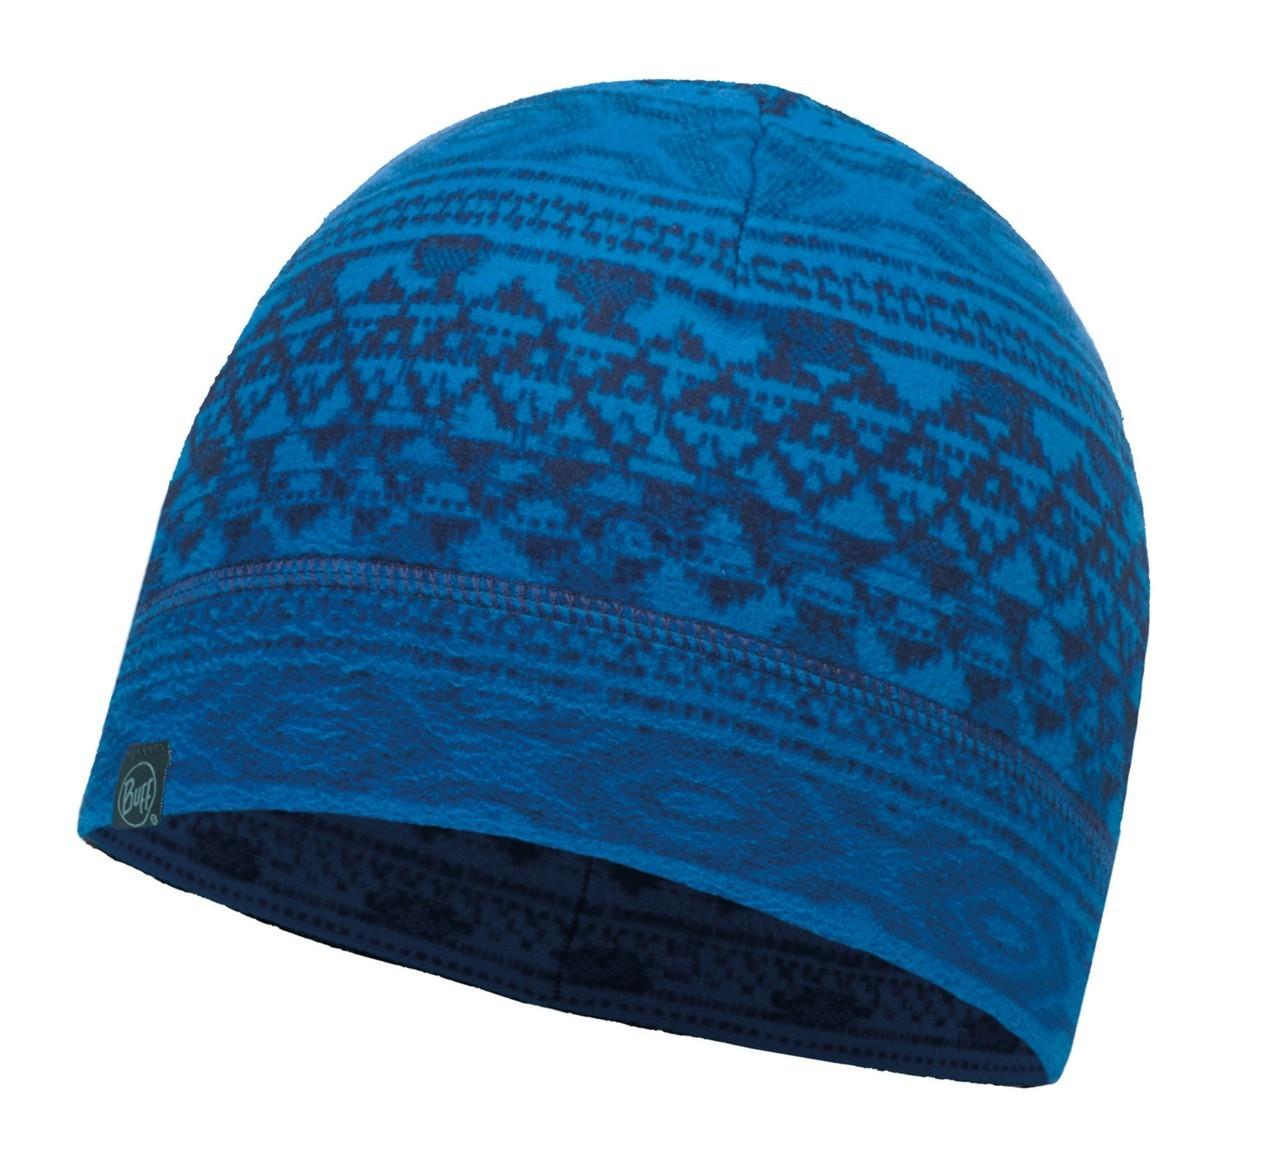 Флисовые шапки Шапка из флиса Buff Athor Harbor 115326.792.10.00.jpg